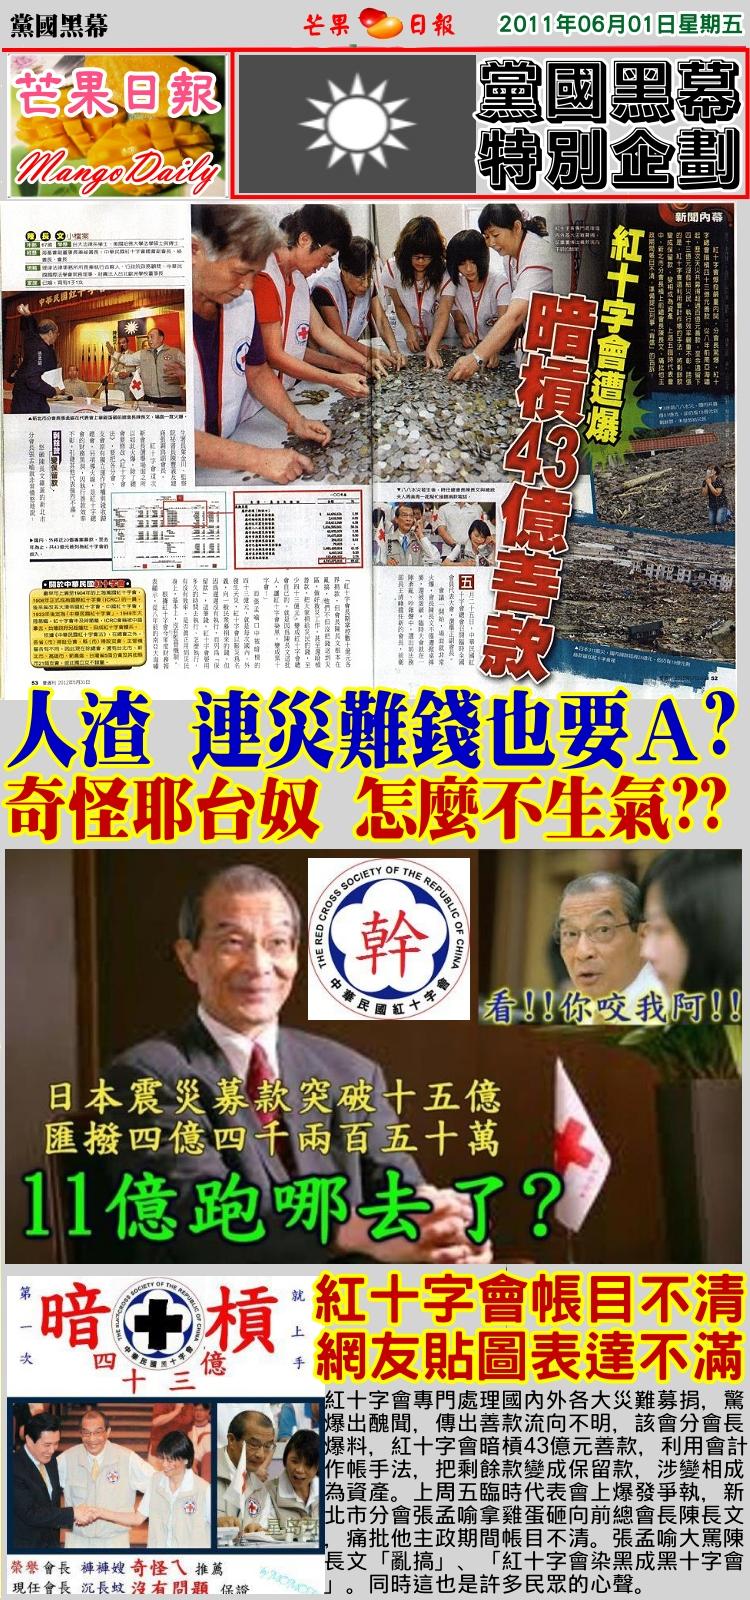 120601芒果日報--黨國黑幕-紅十字會真無恥,連災難錢也要A